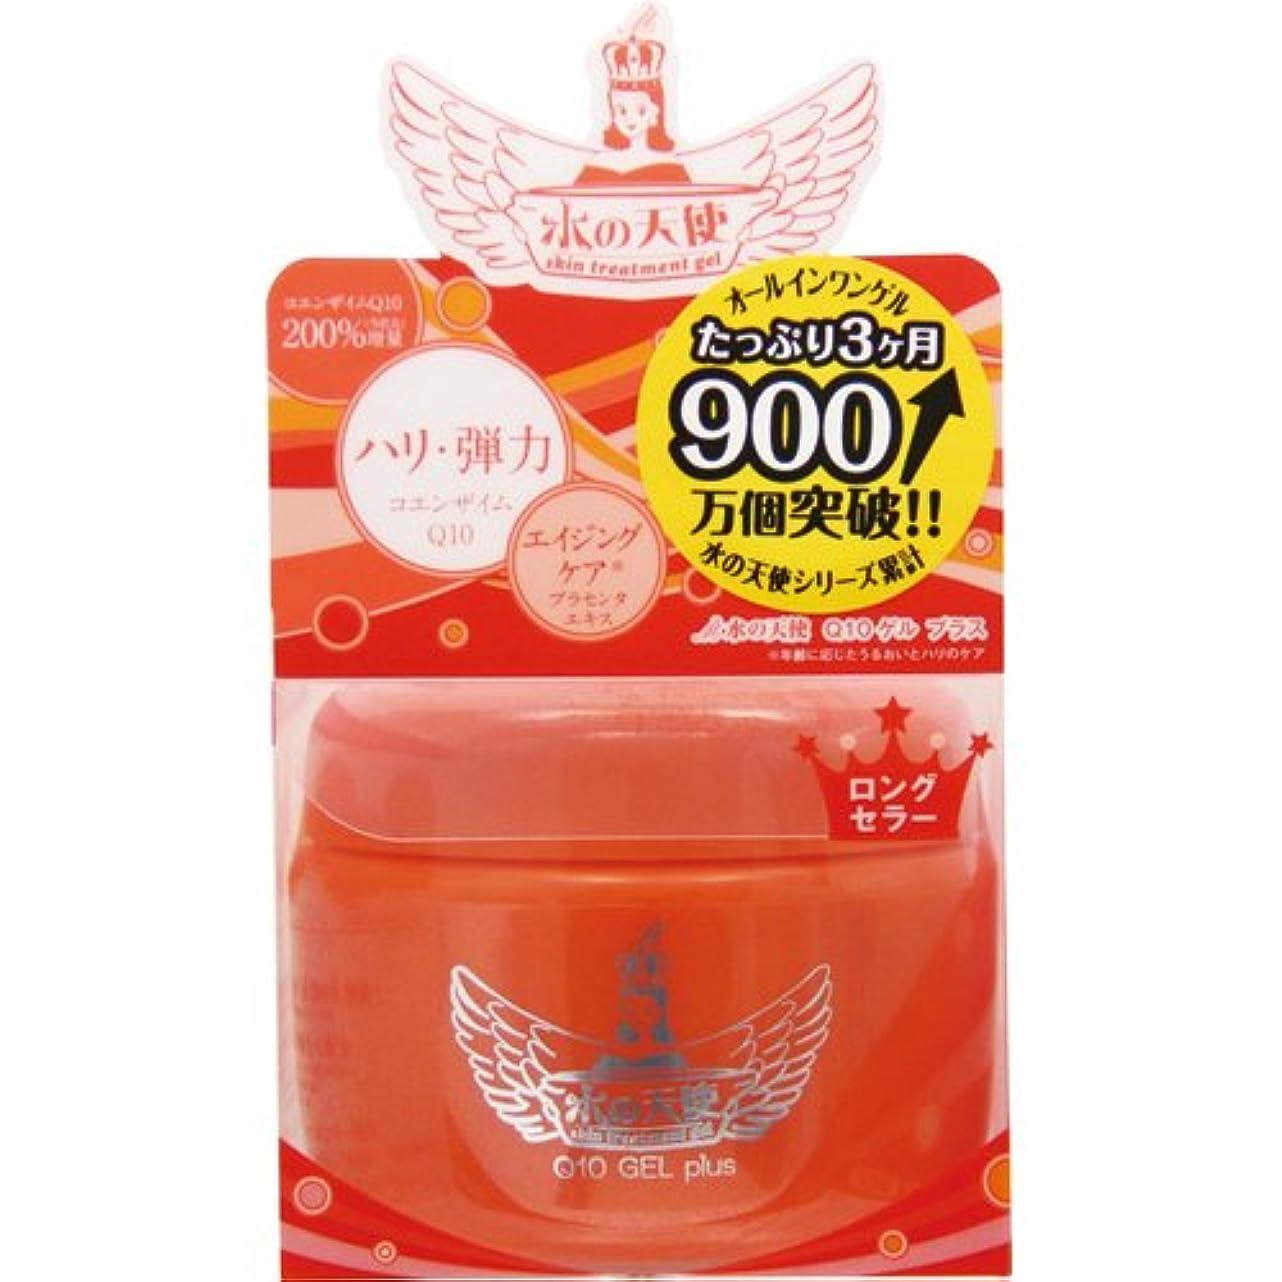 ふける予防接種健康的水の天使 Q10ゲルプラス 150g